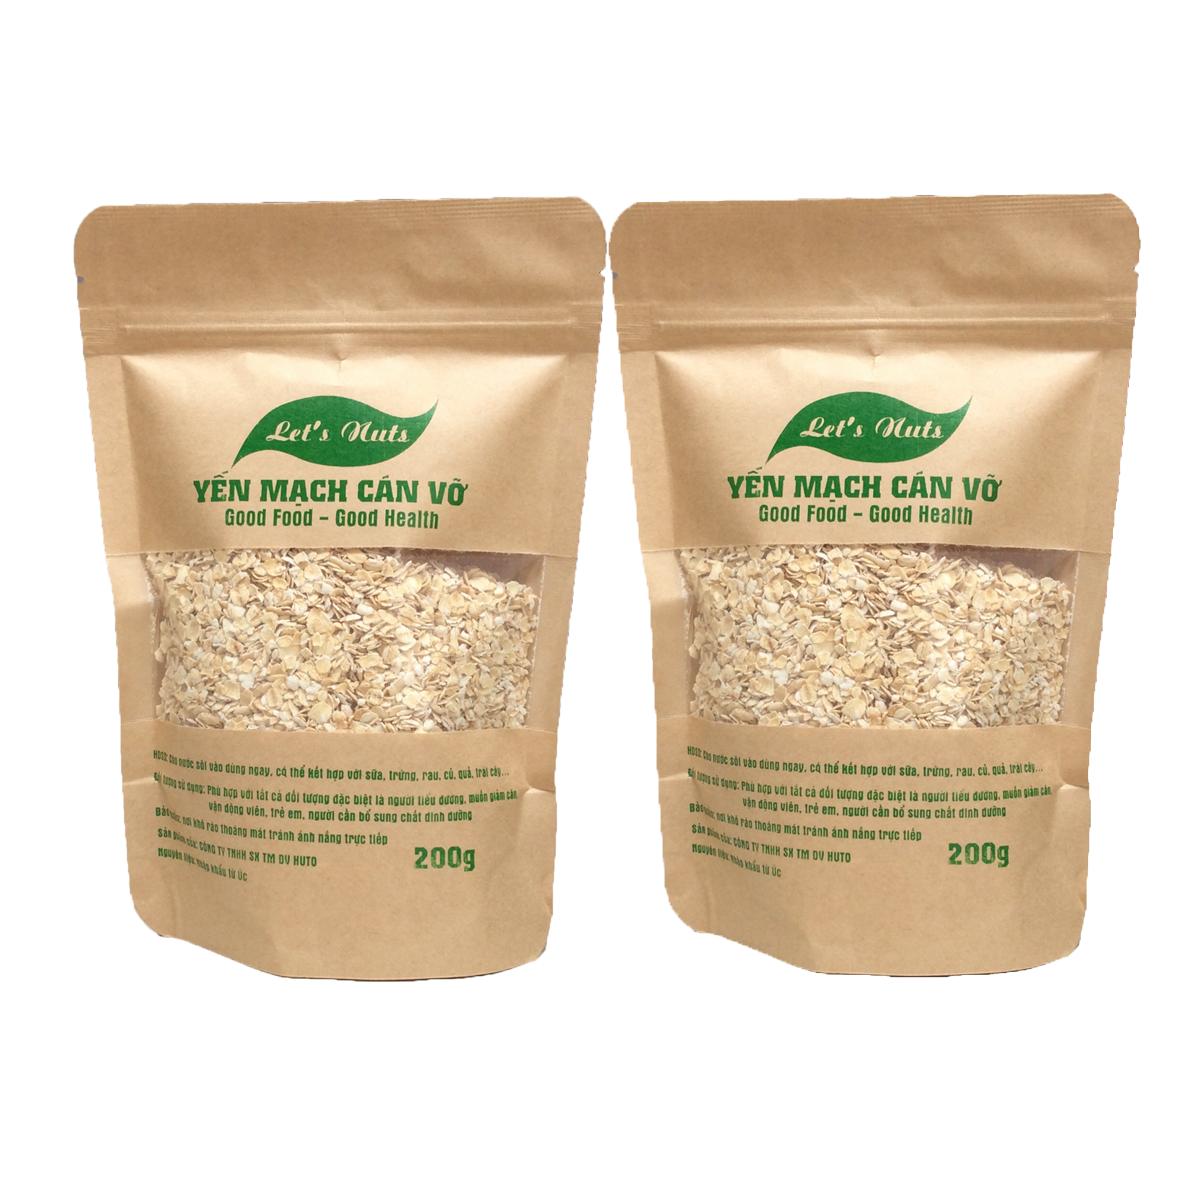 2 gói hạt yến mạch cán vỡ Let's Nuts làm ngũ cốc giảm cân, bột yến mạch, người tập gym, bổ sung chất dinh dưỡng túi 200g Let Nuts